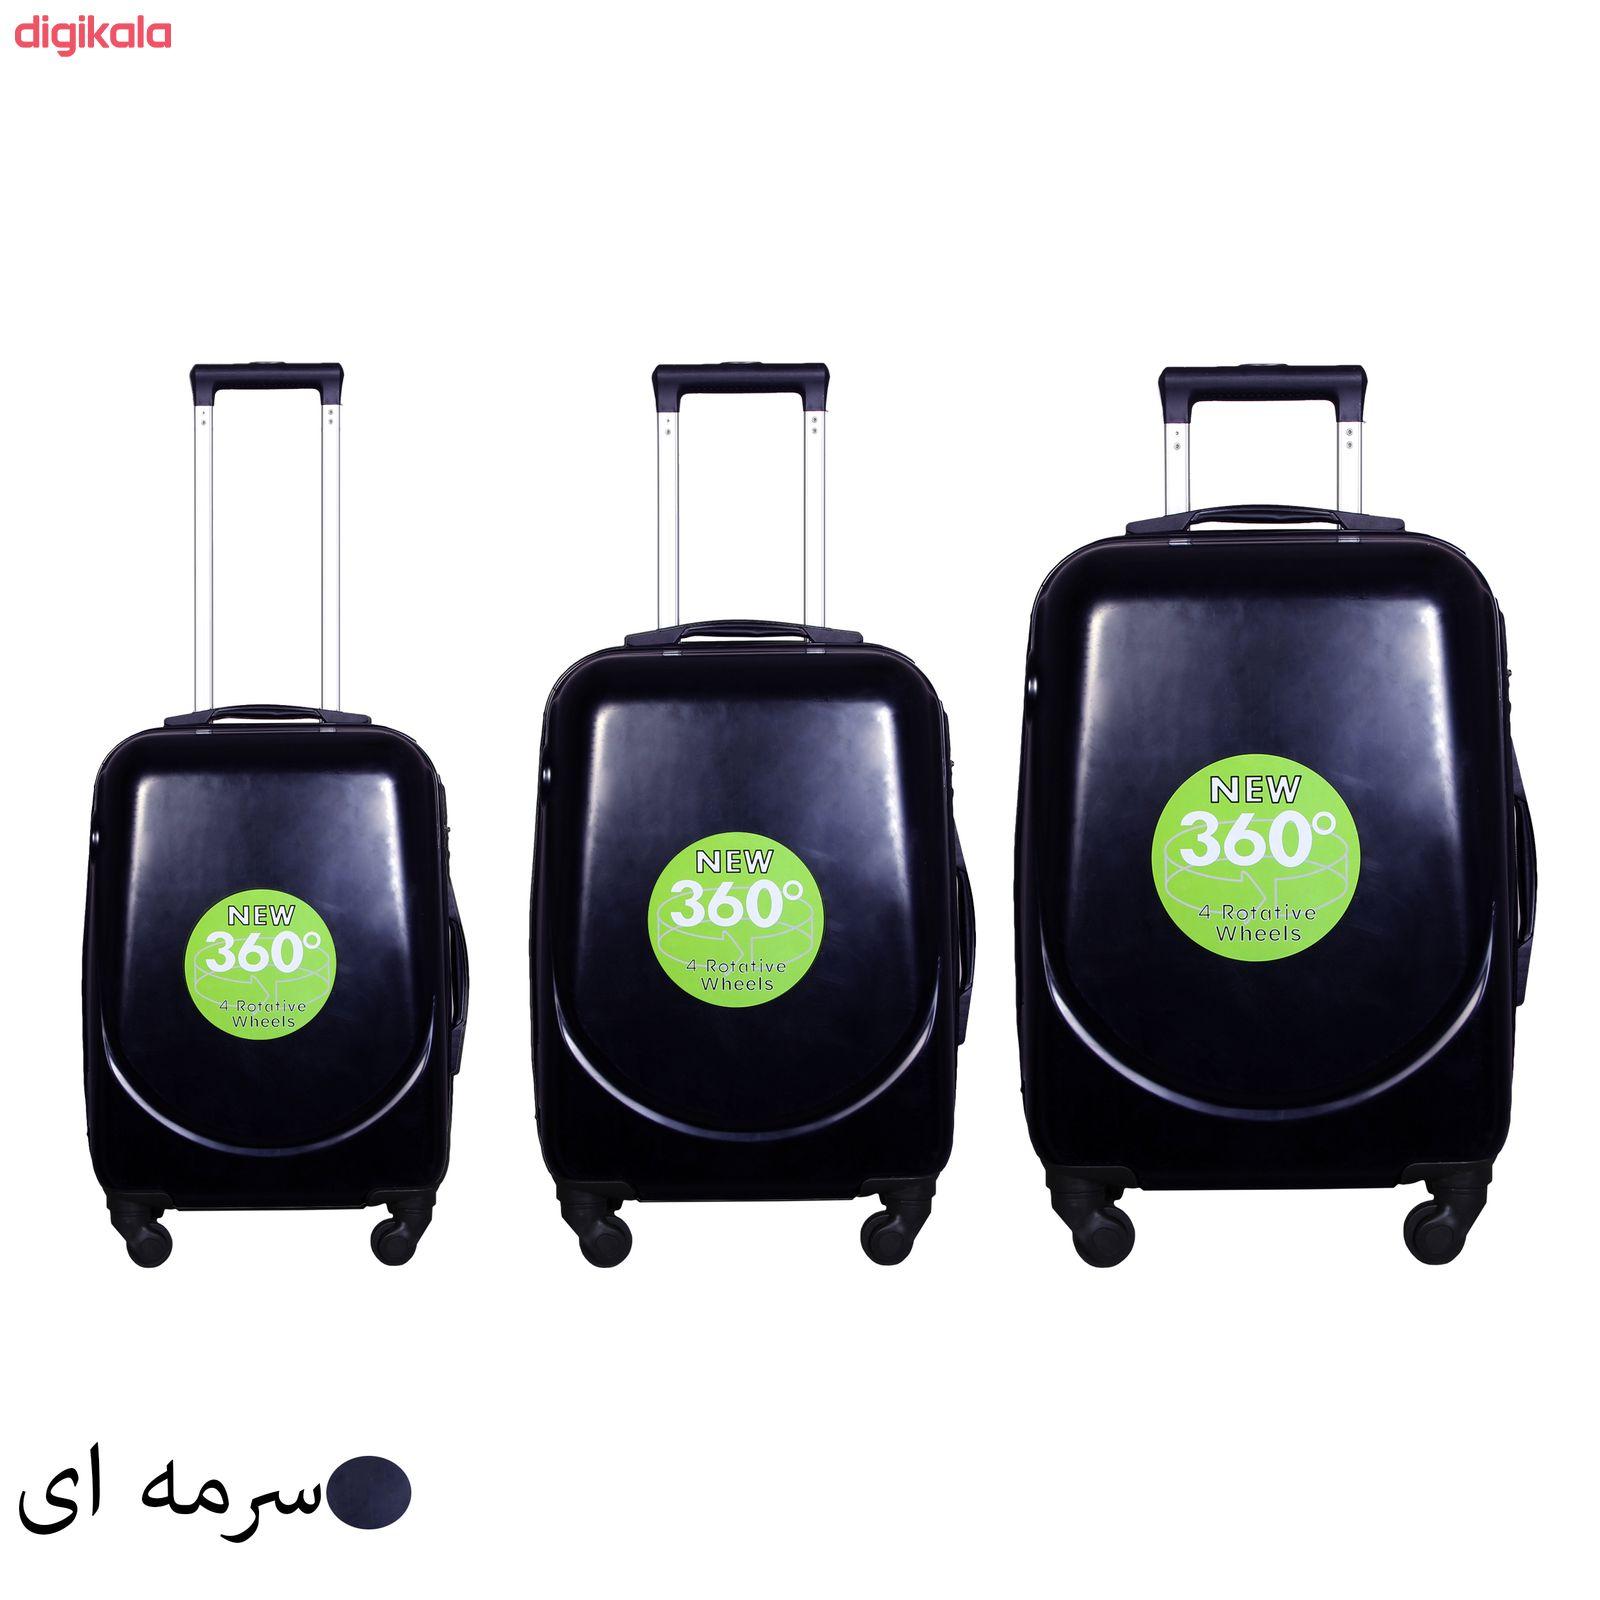 مجموعه سه عدی چمدان مدل 300 main 1 1